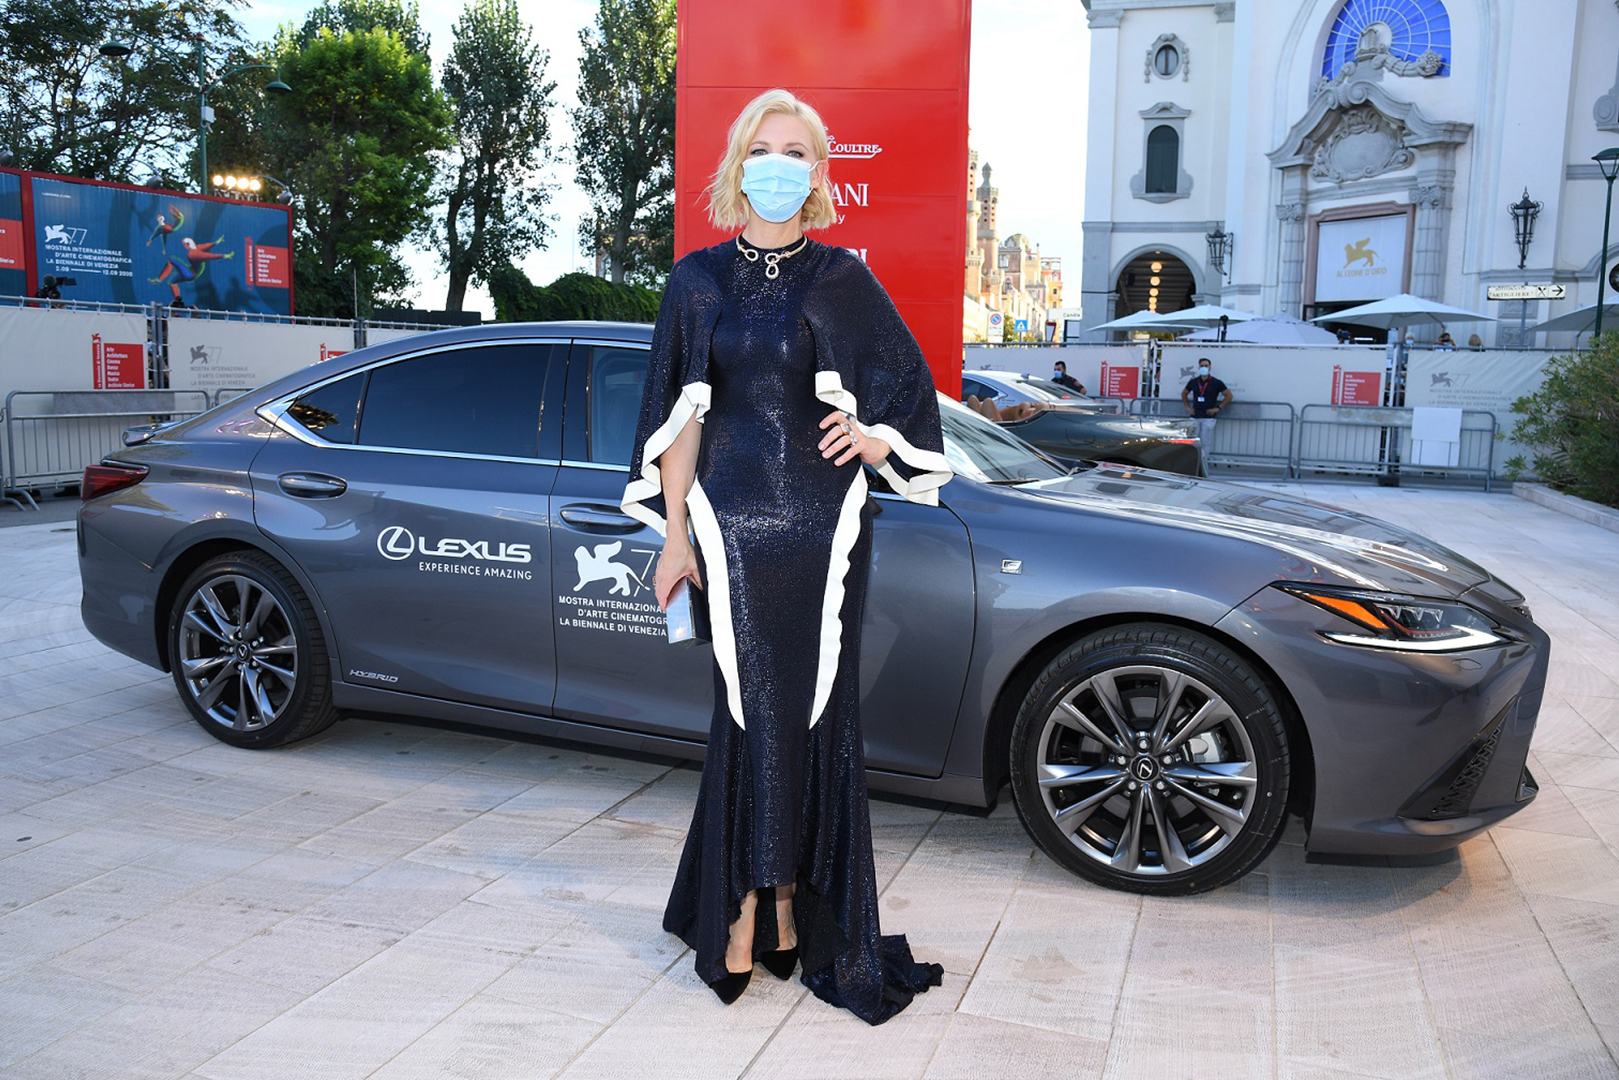 Lexus Venedik'te Kırmızı Halının Yıldızı Oldu gallery02